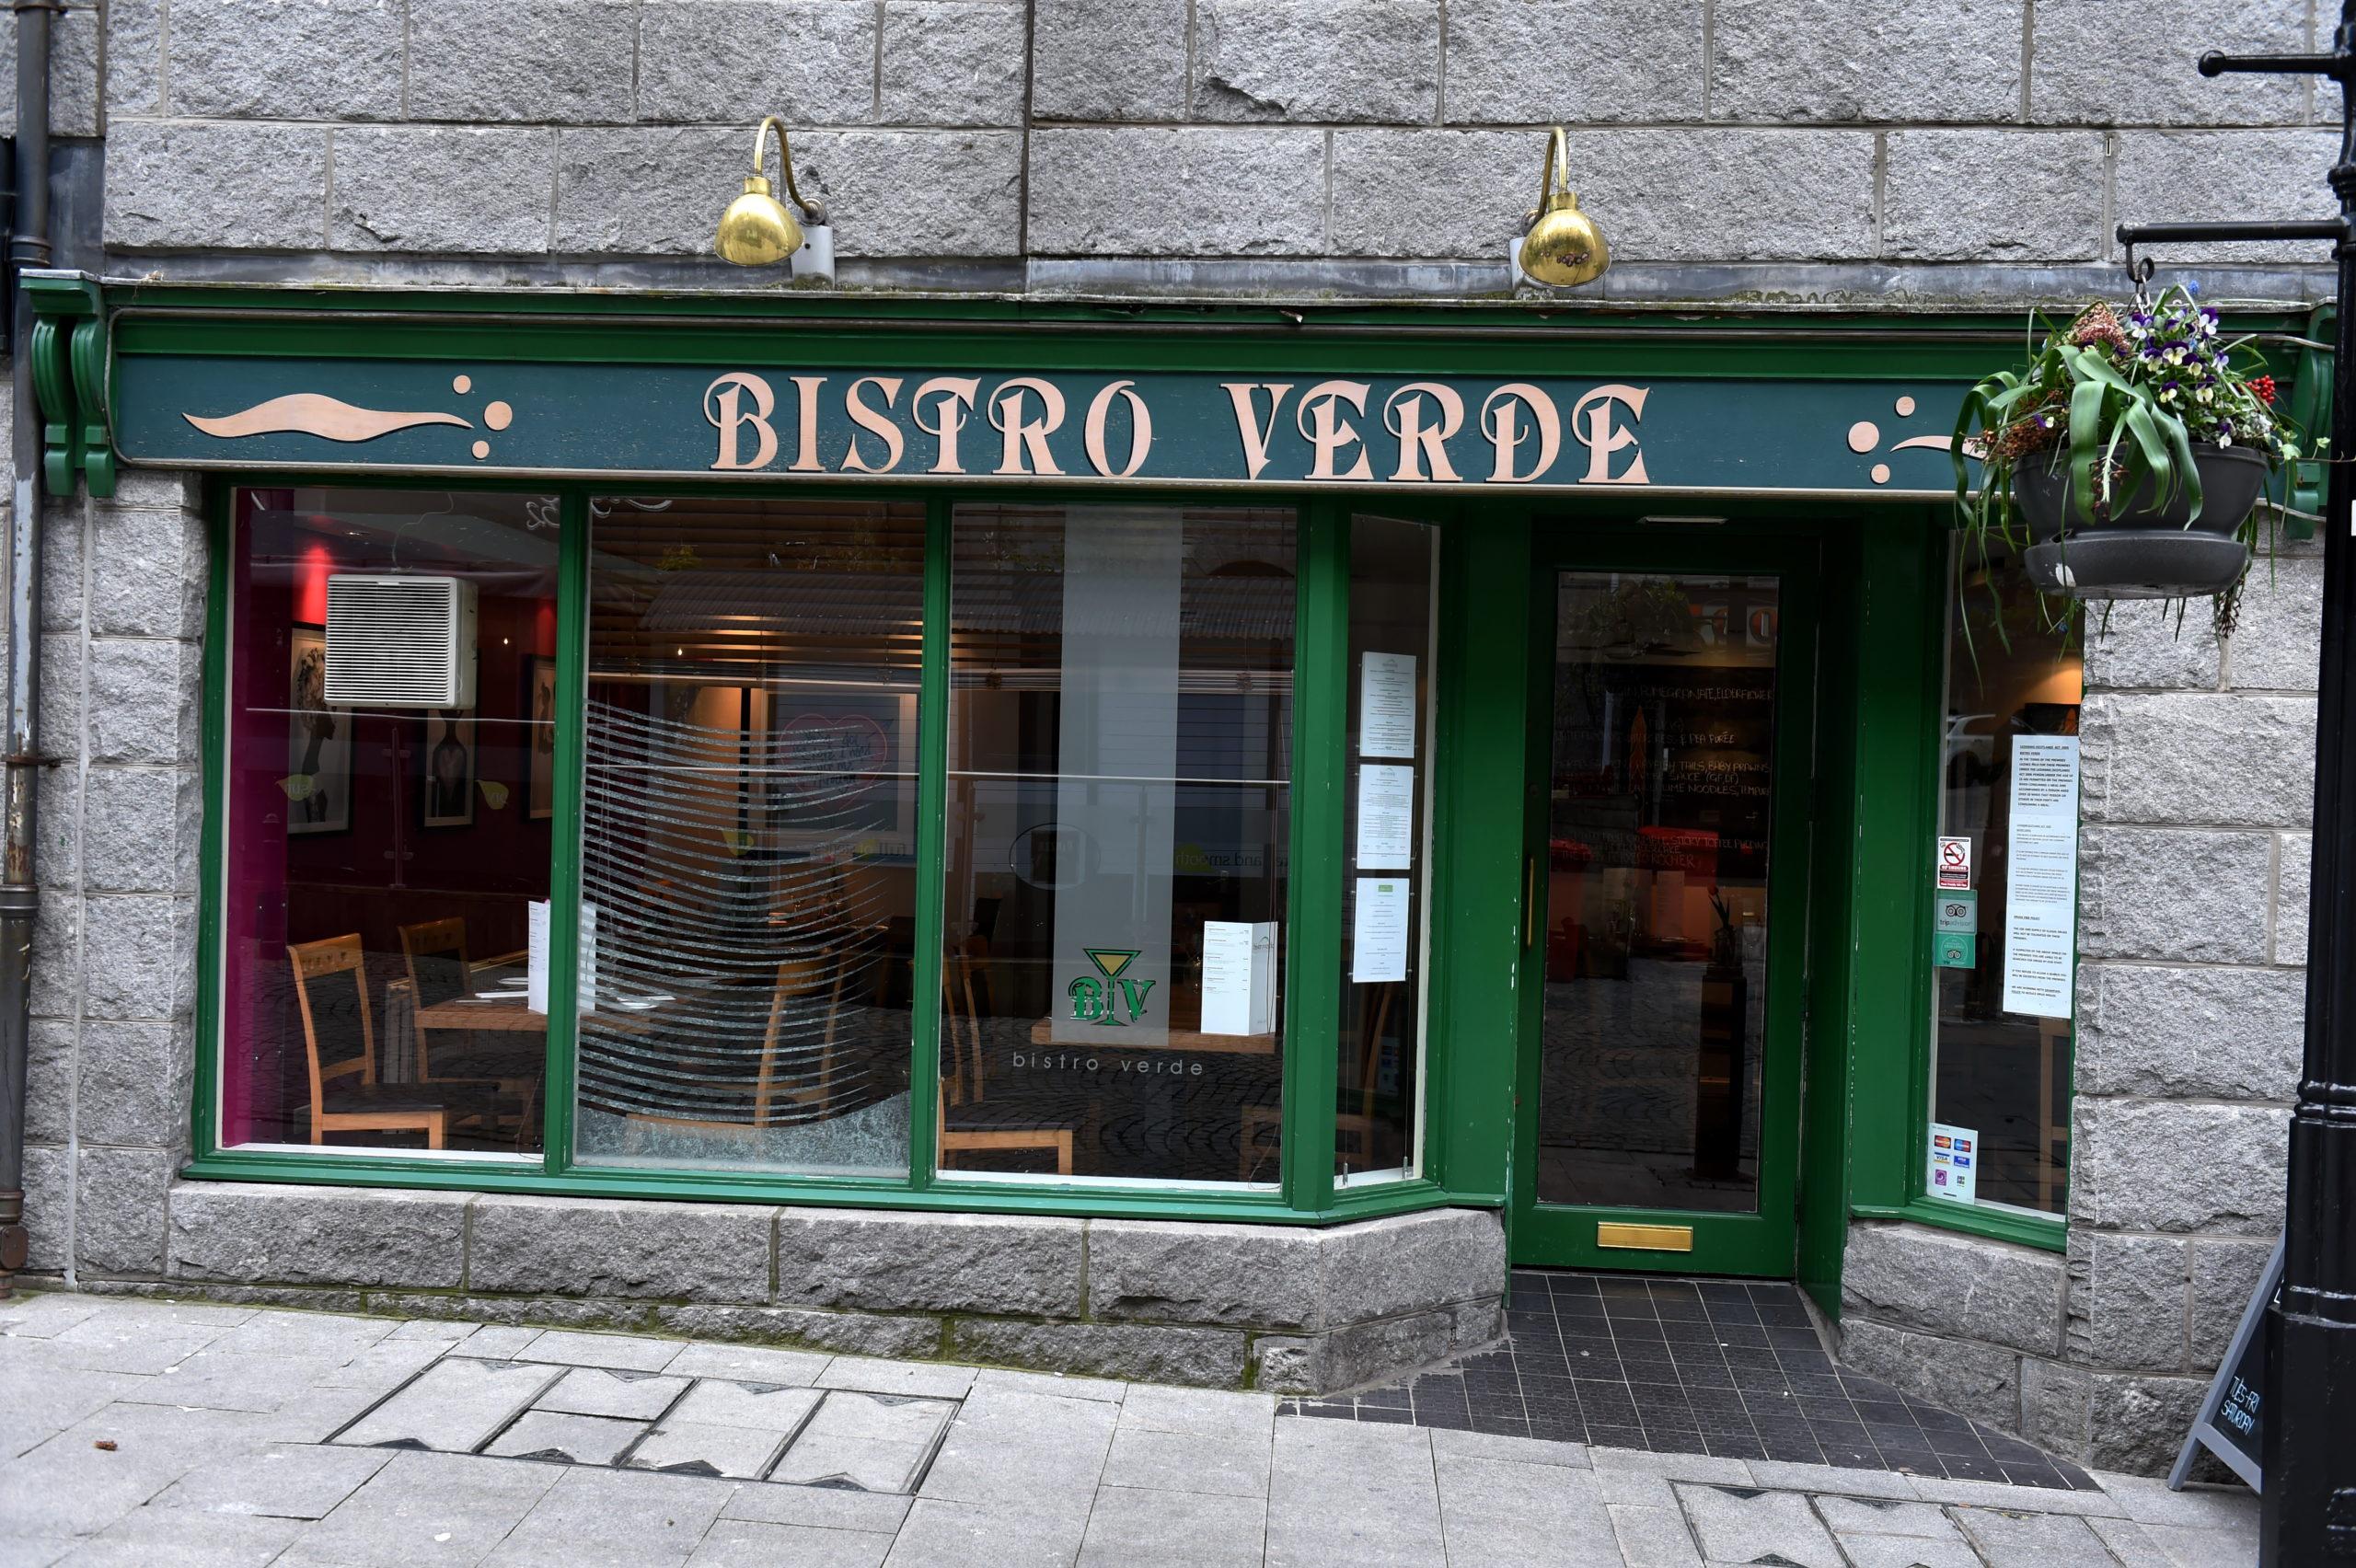 Bistro Verde in Aberdeen city centre